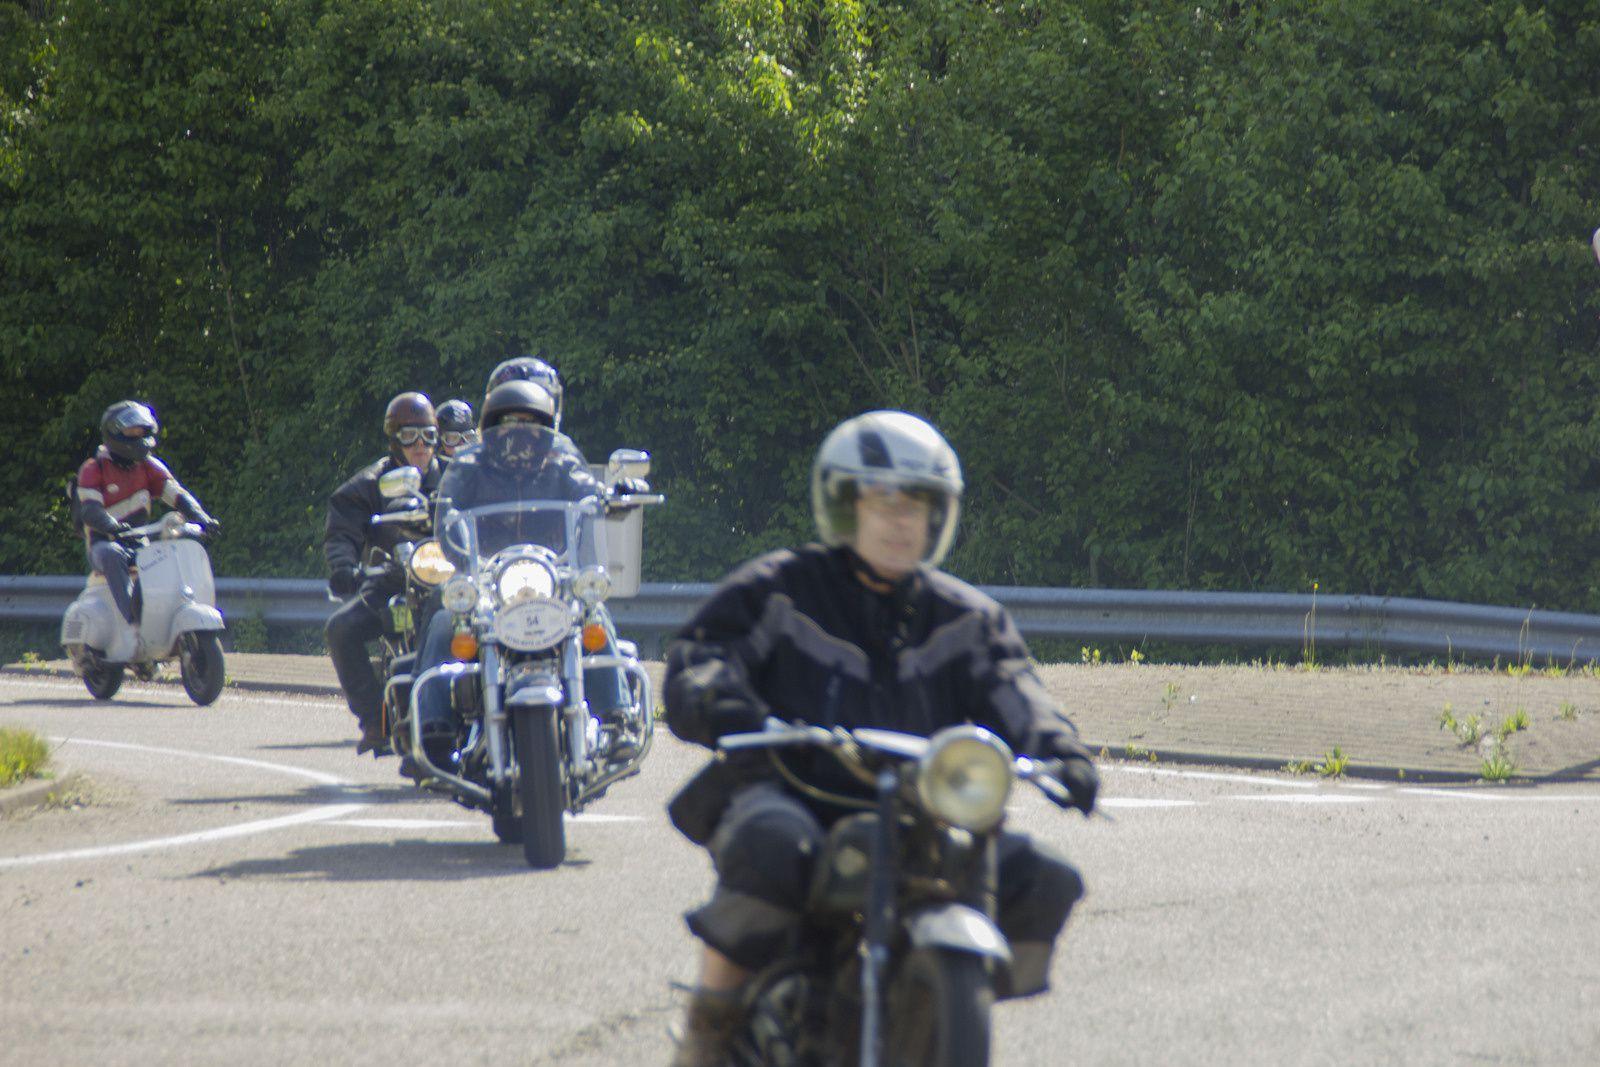 Sur la route de Molsheim à Grangfontaine.